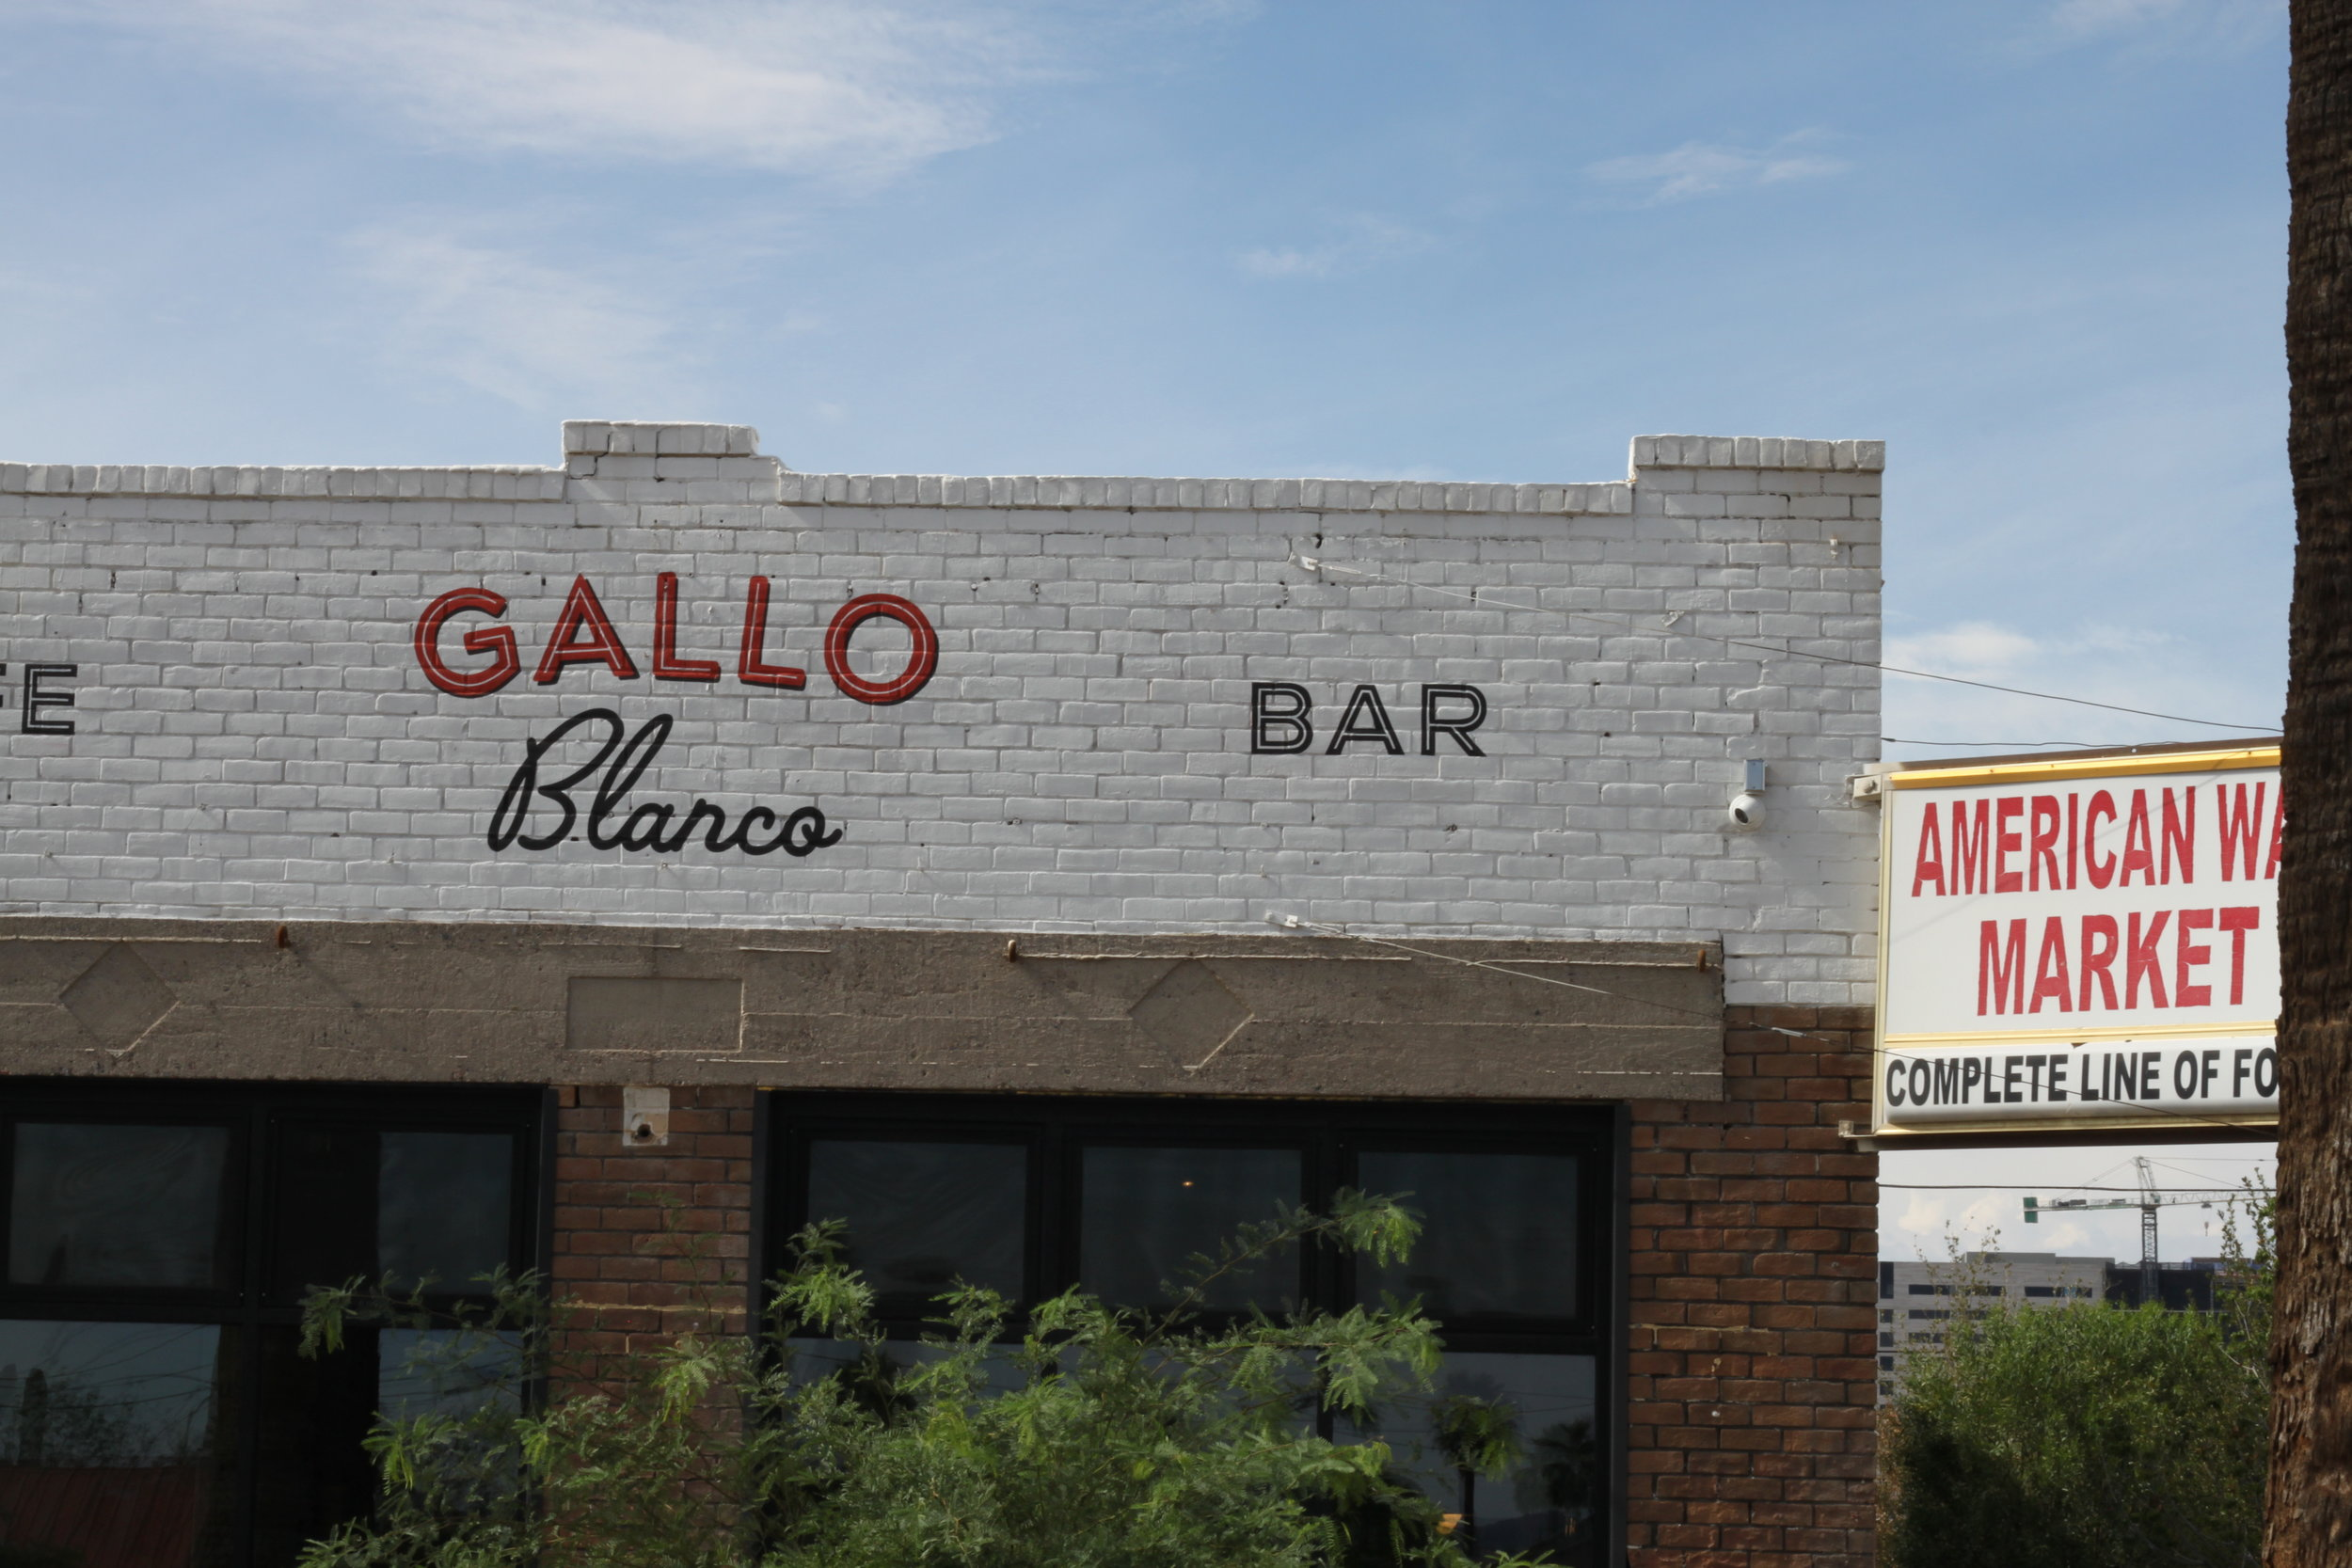 Gallo Blanco - Local Stop #4